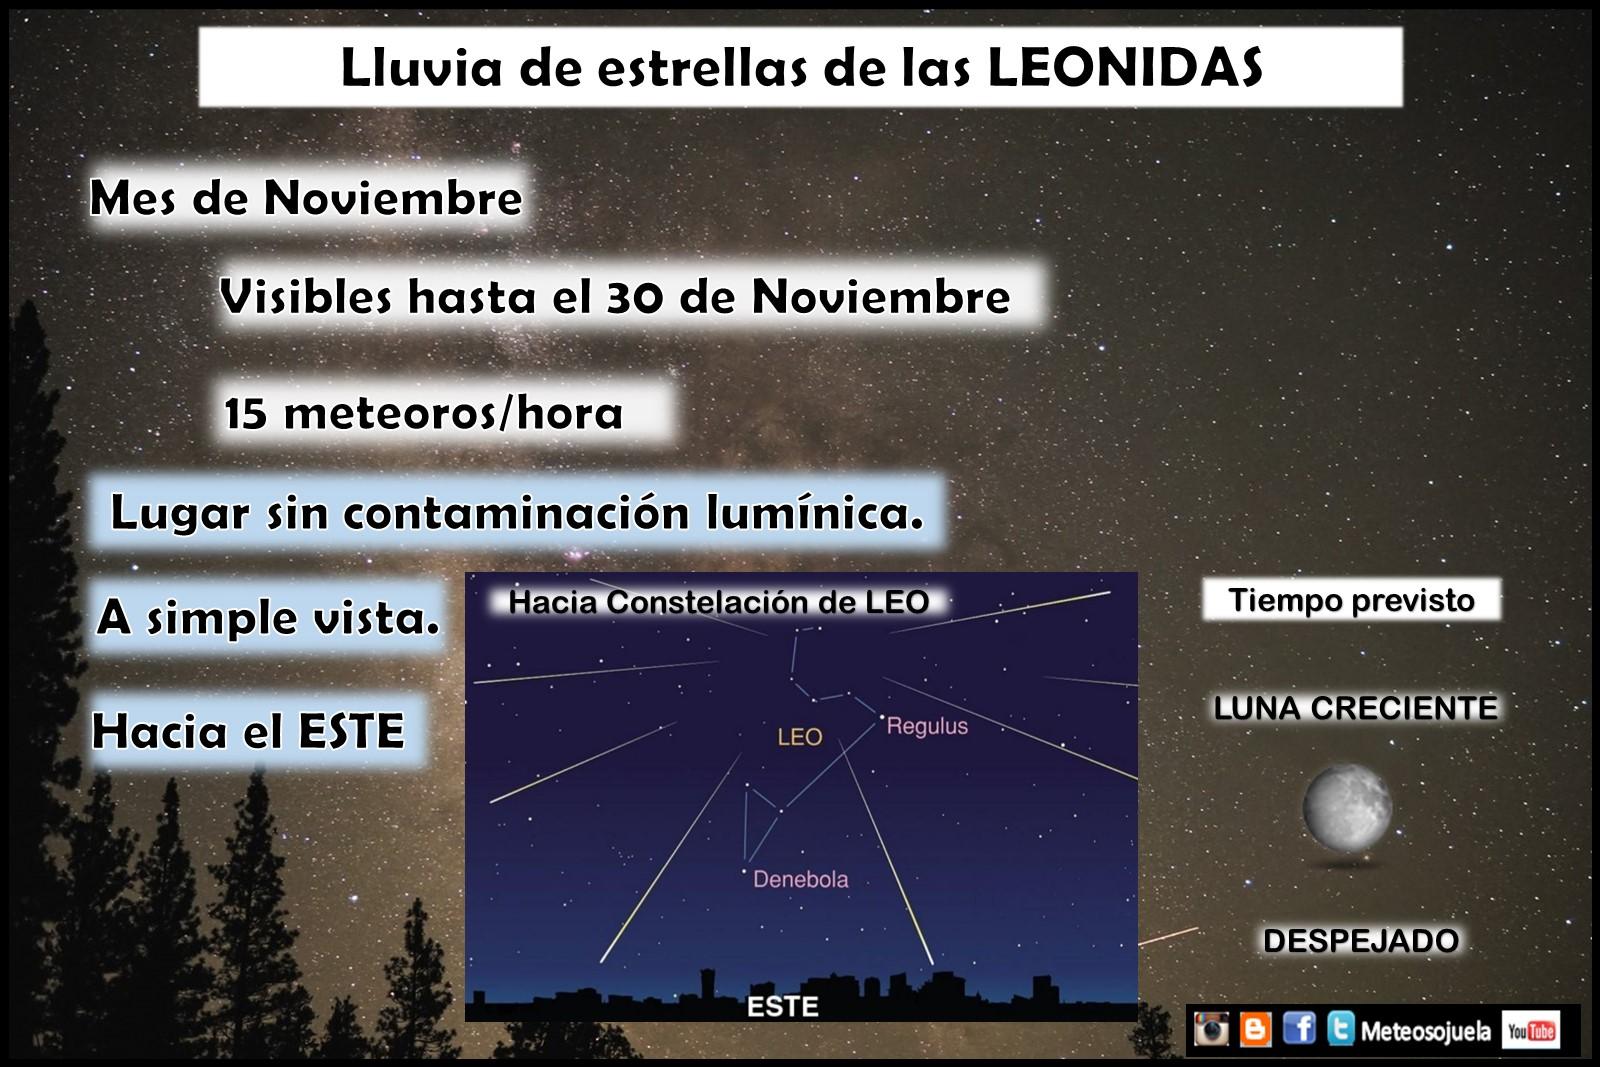 Guía Rápida de Observación de las Leónidas. Meteosojuela